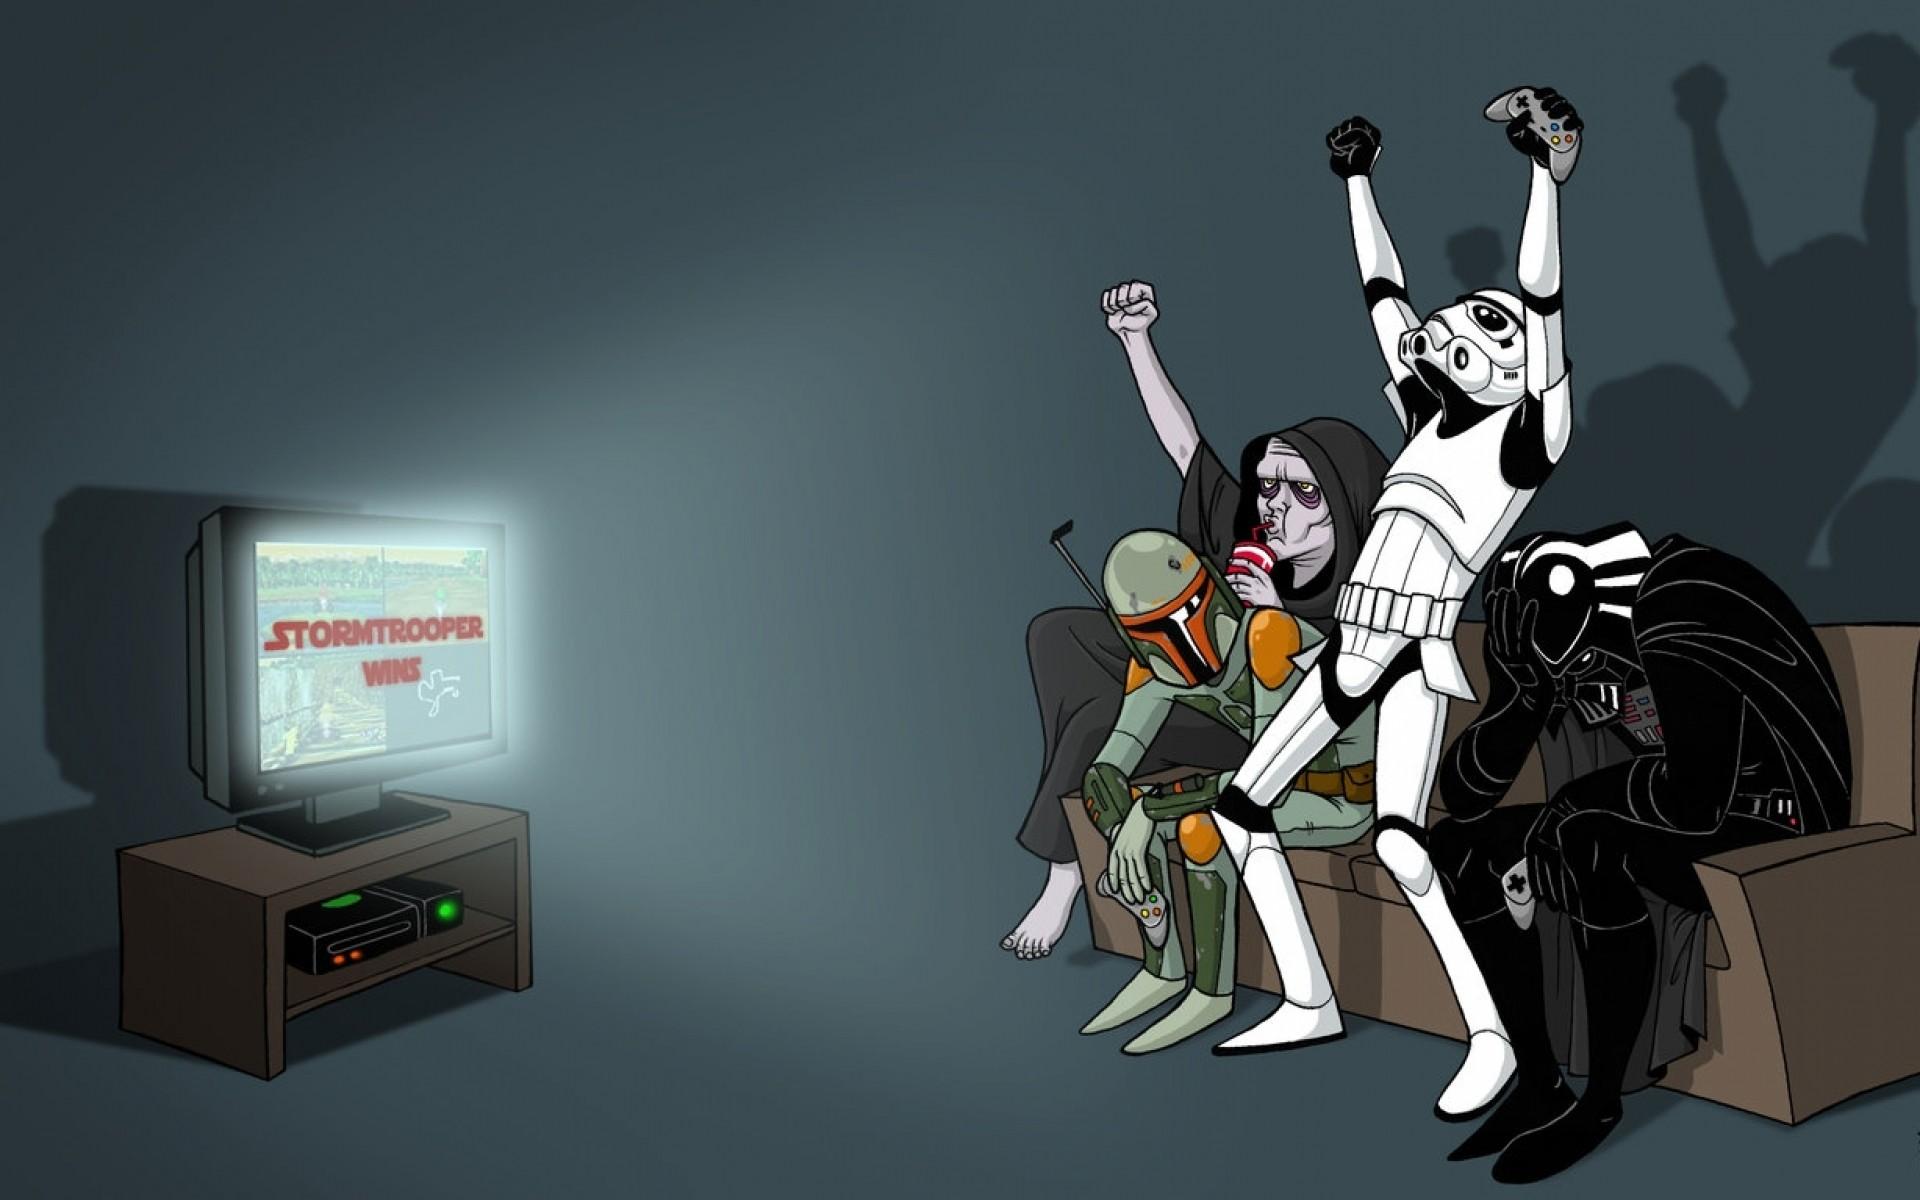 star wars stormtroopers darth vader boba fett bounty hunter darth sidious Wallpaper  HD